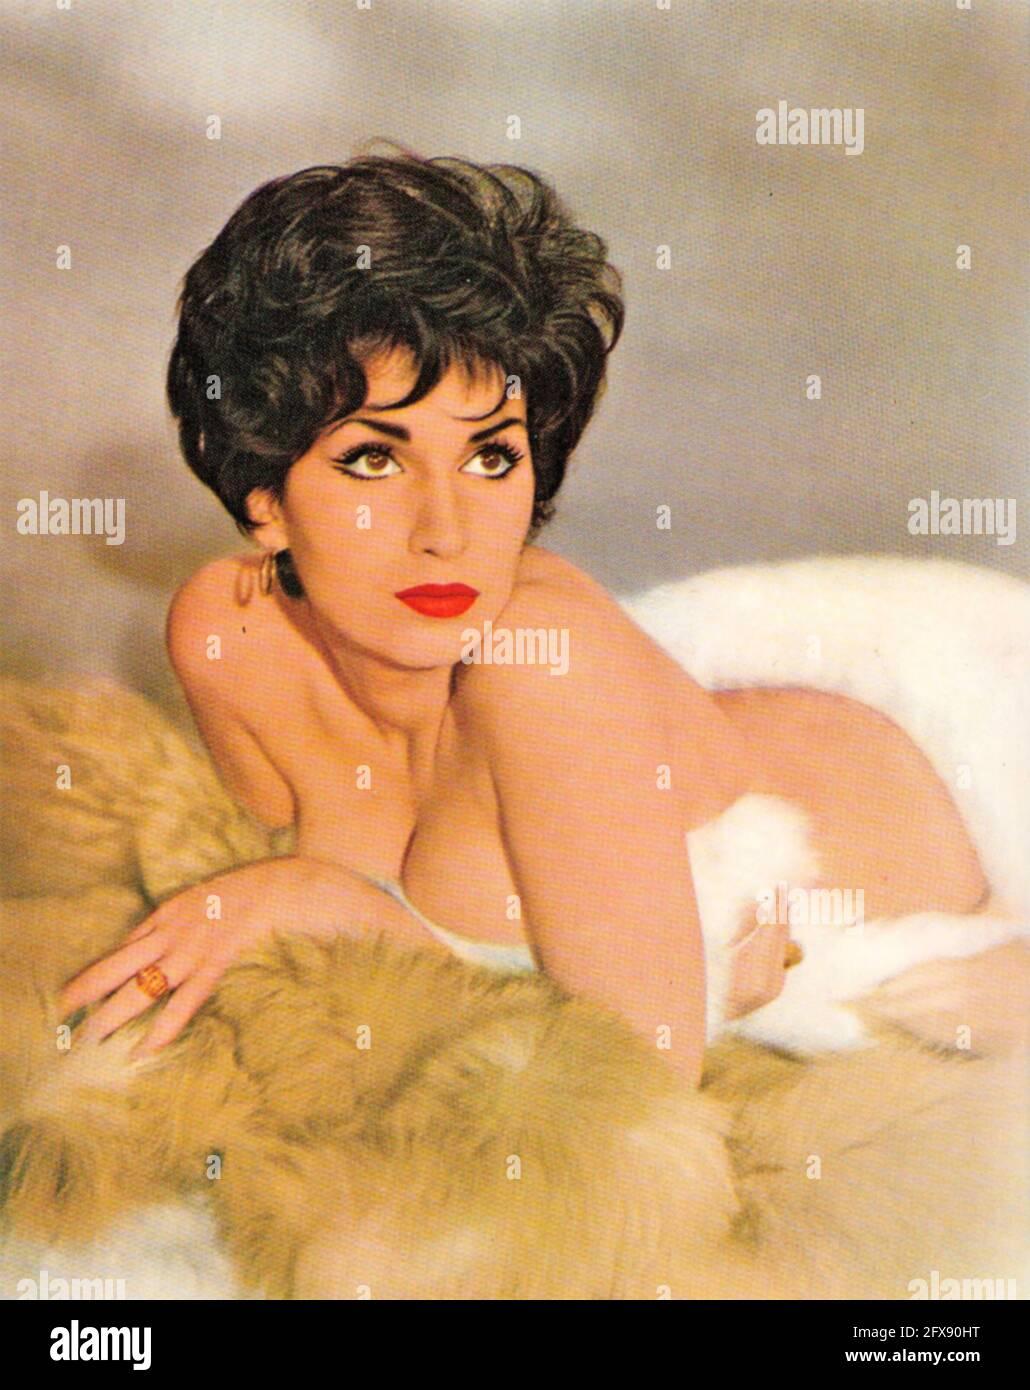 YVONNE ROMAIN actrice de cinéma anglaise vers 1960 Banque D'Images